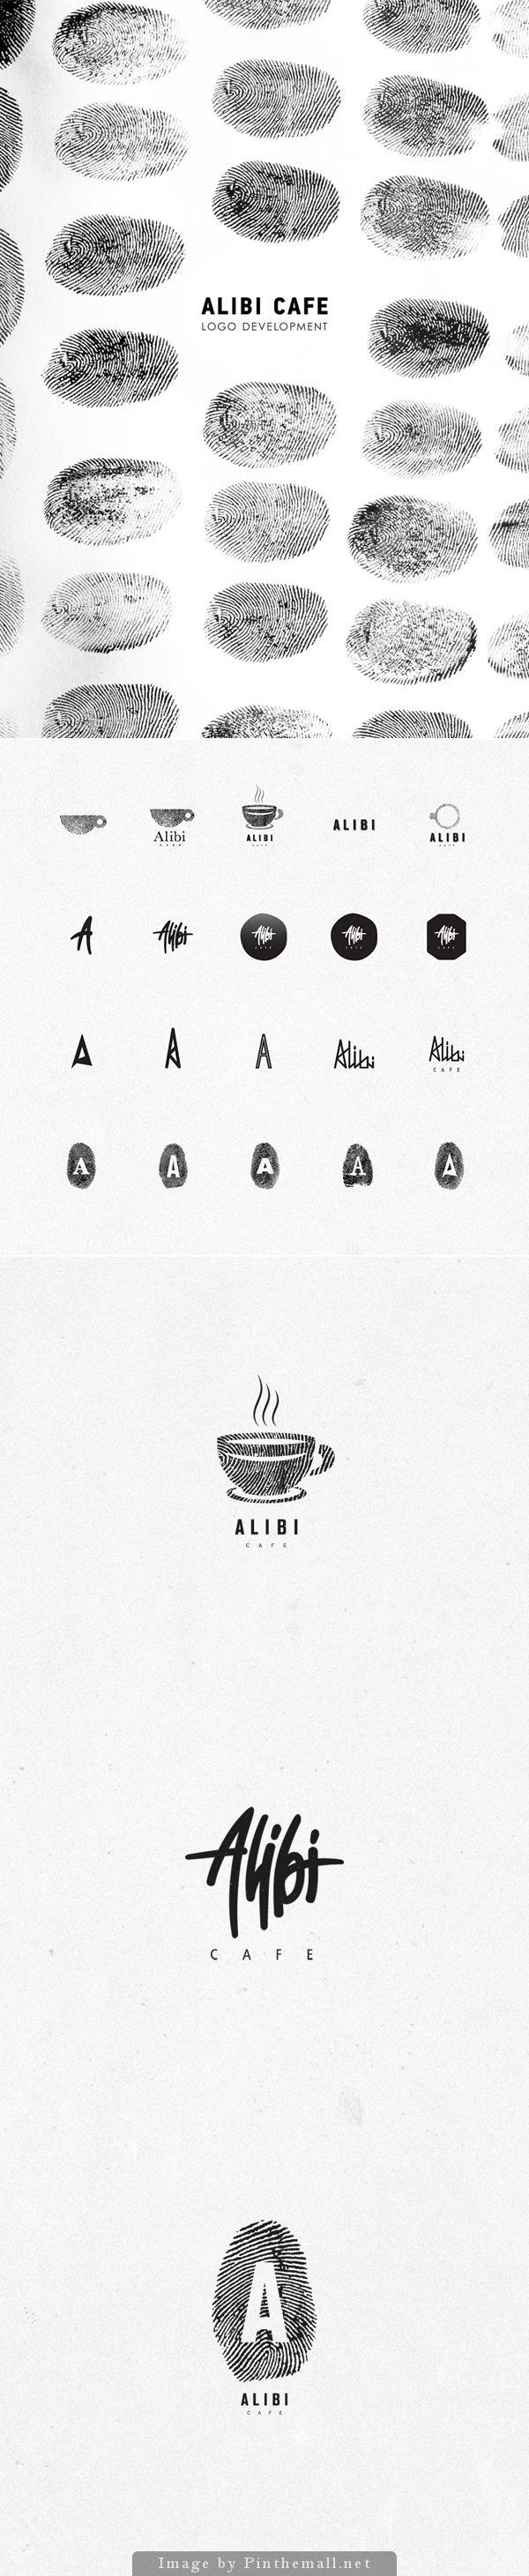 MIJN krak -> vingerafdruk -> koffieboon vorm ..